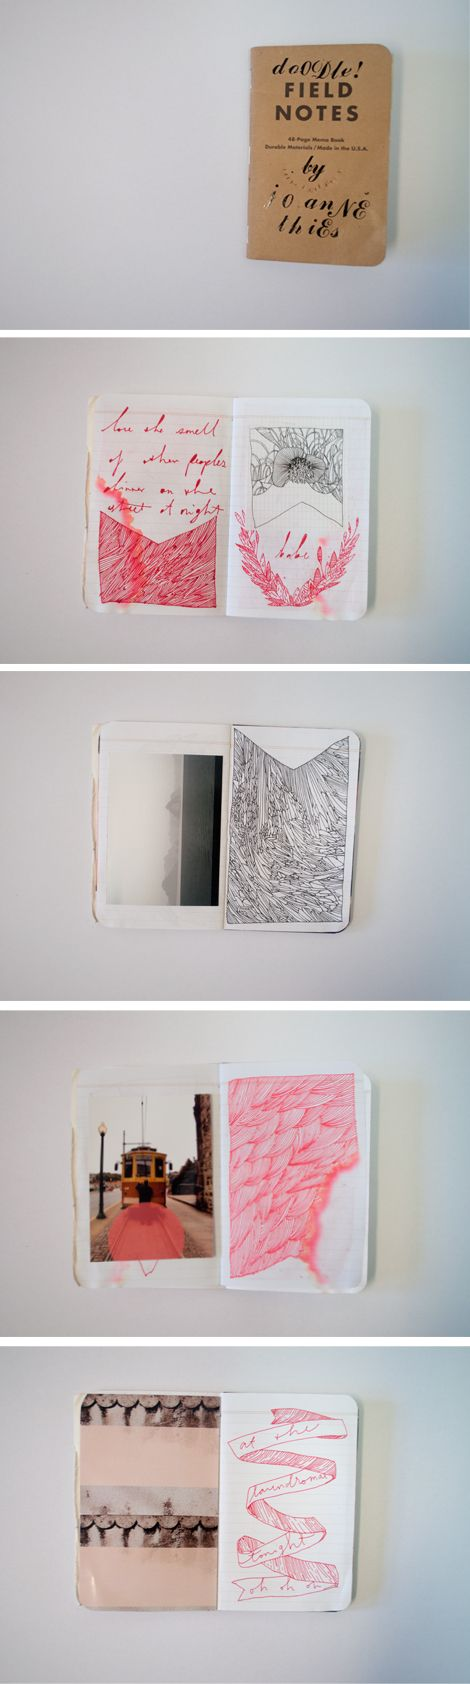 amos los libros de sketchs